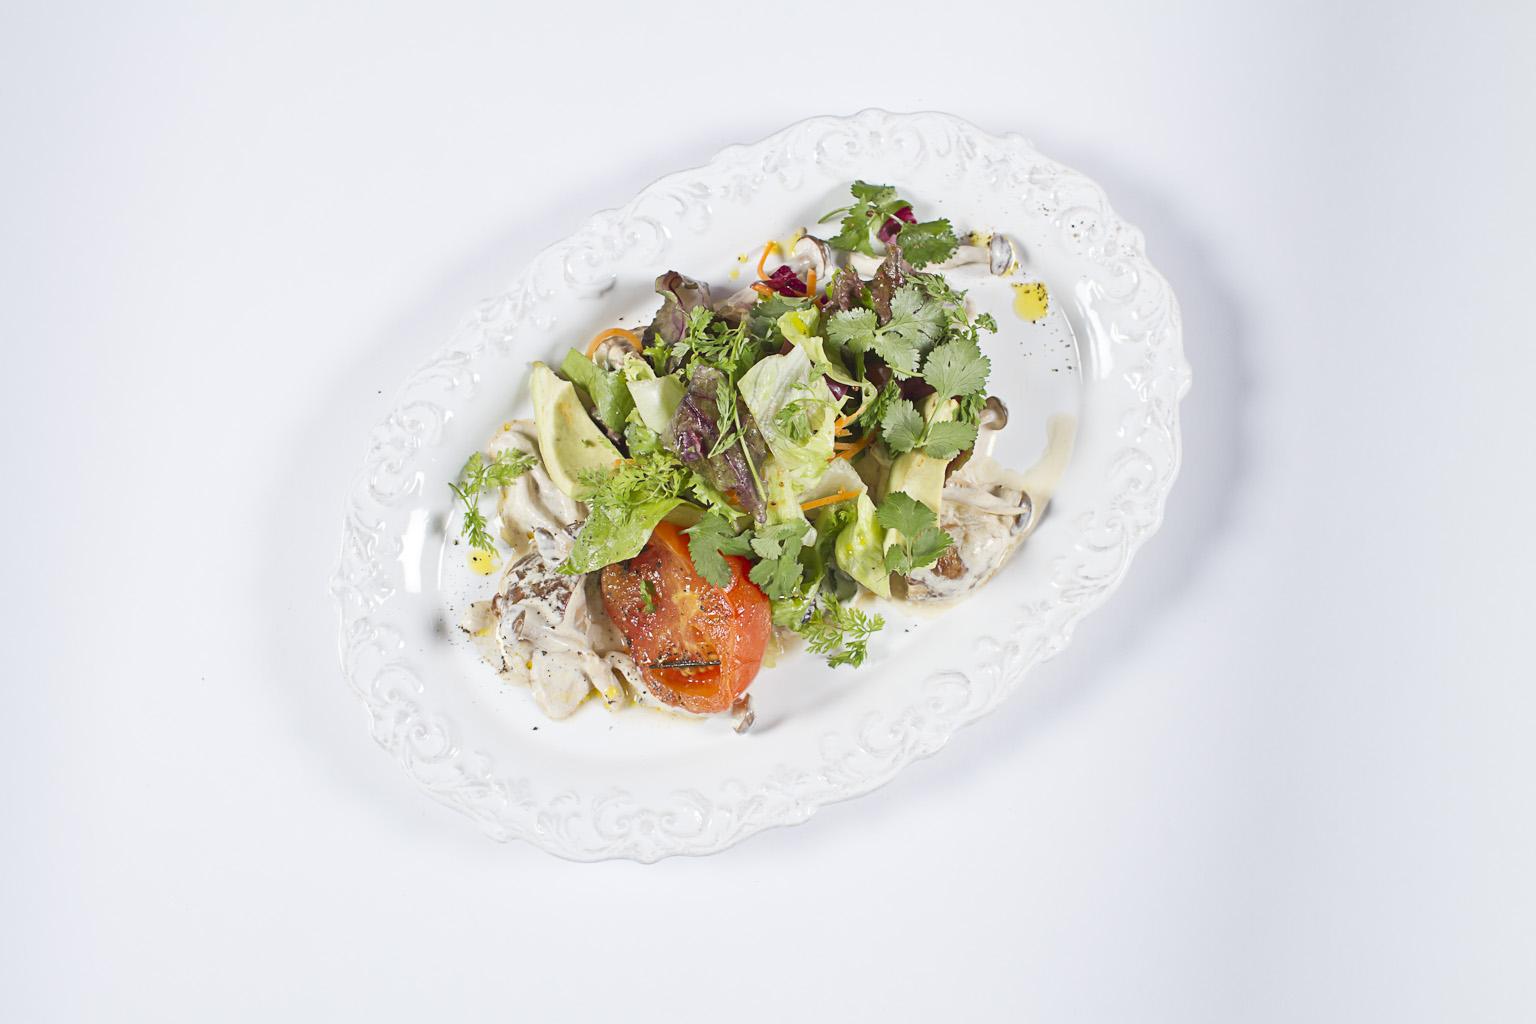 Салаты на праздничный стол: рецепты с фото простые и вкусные